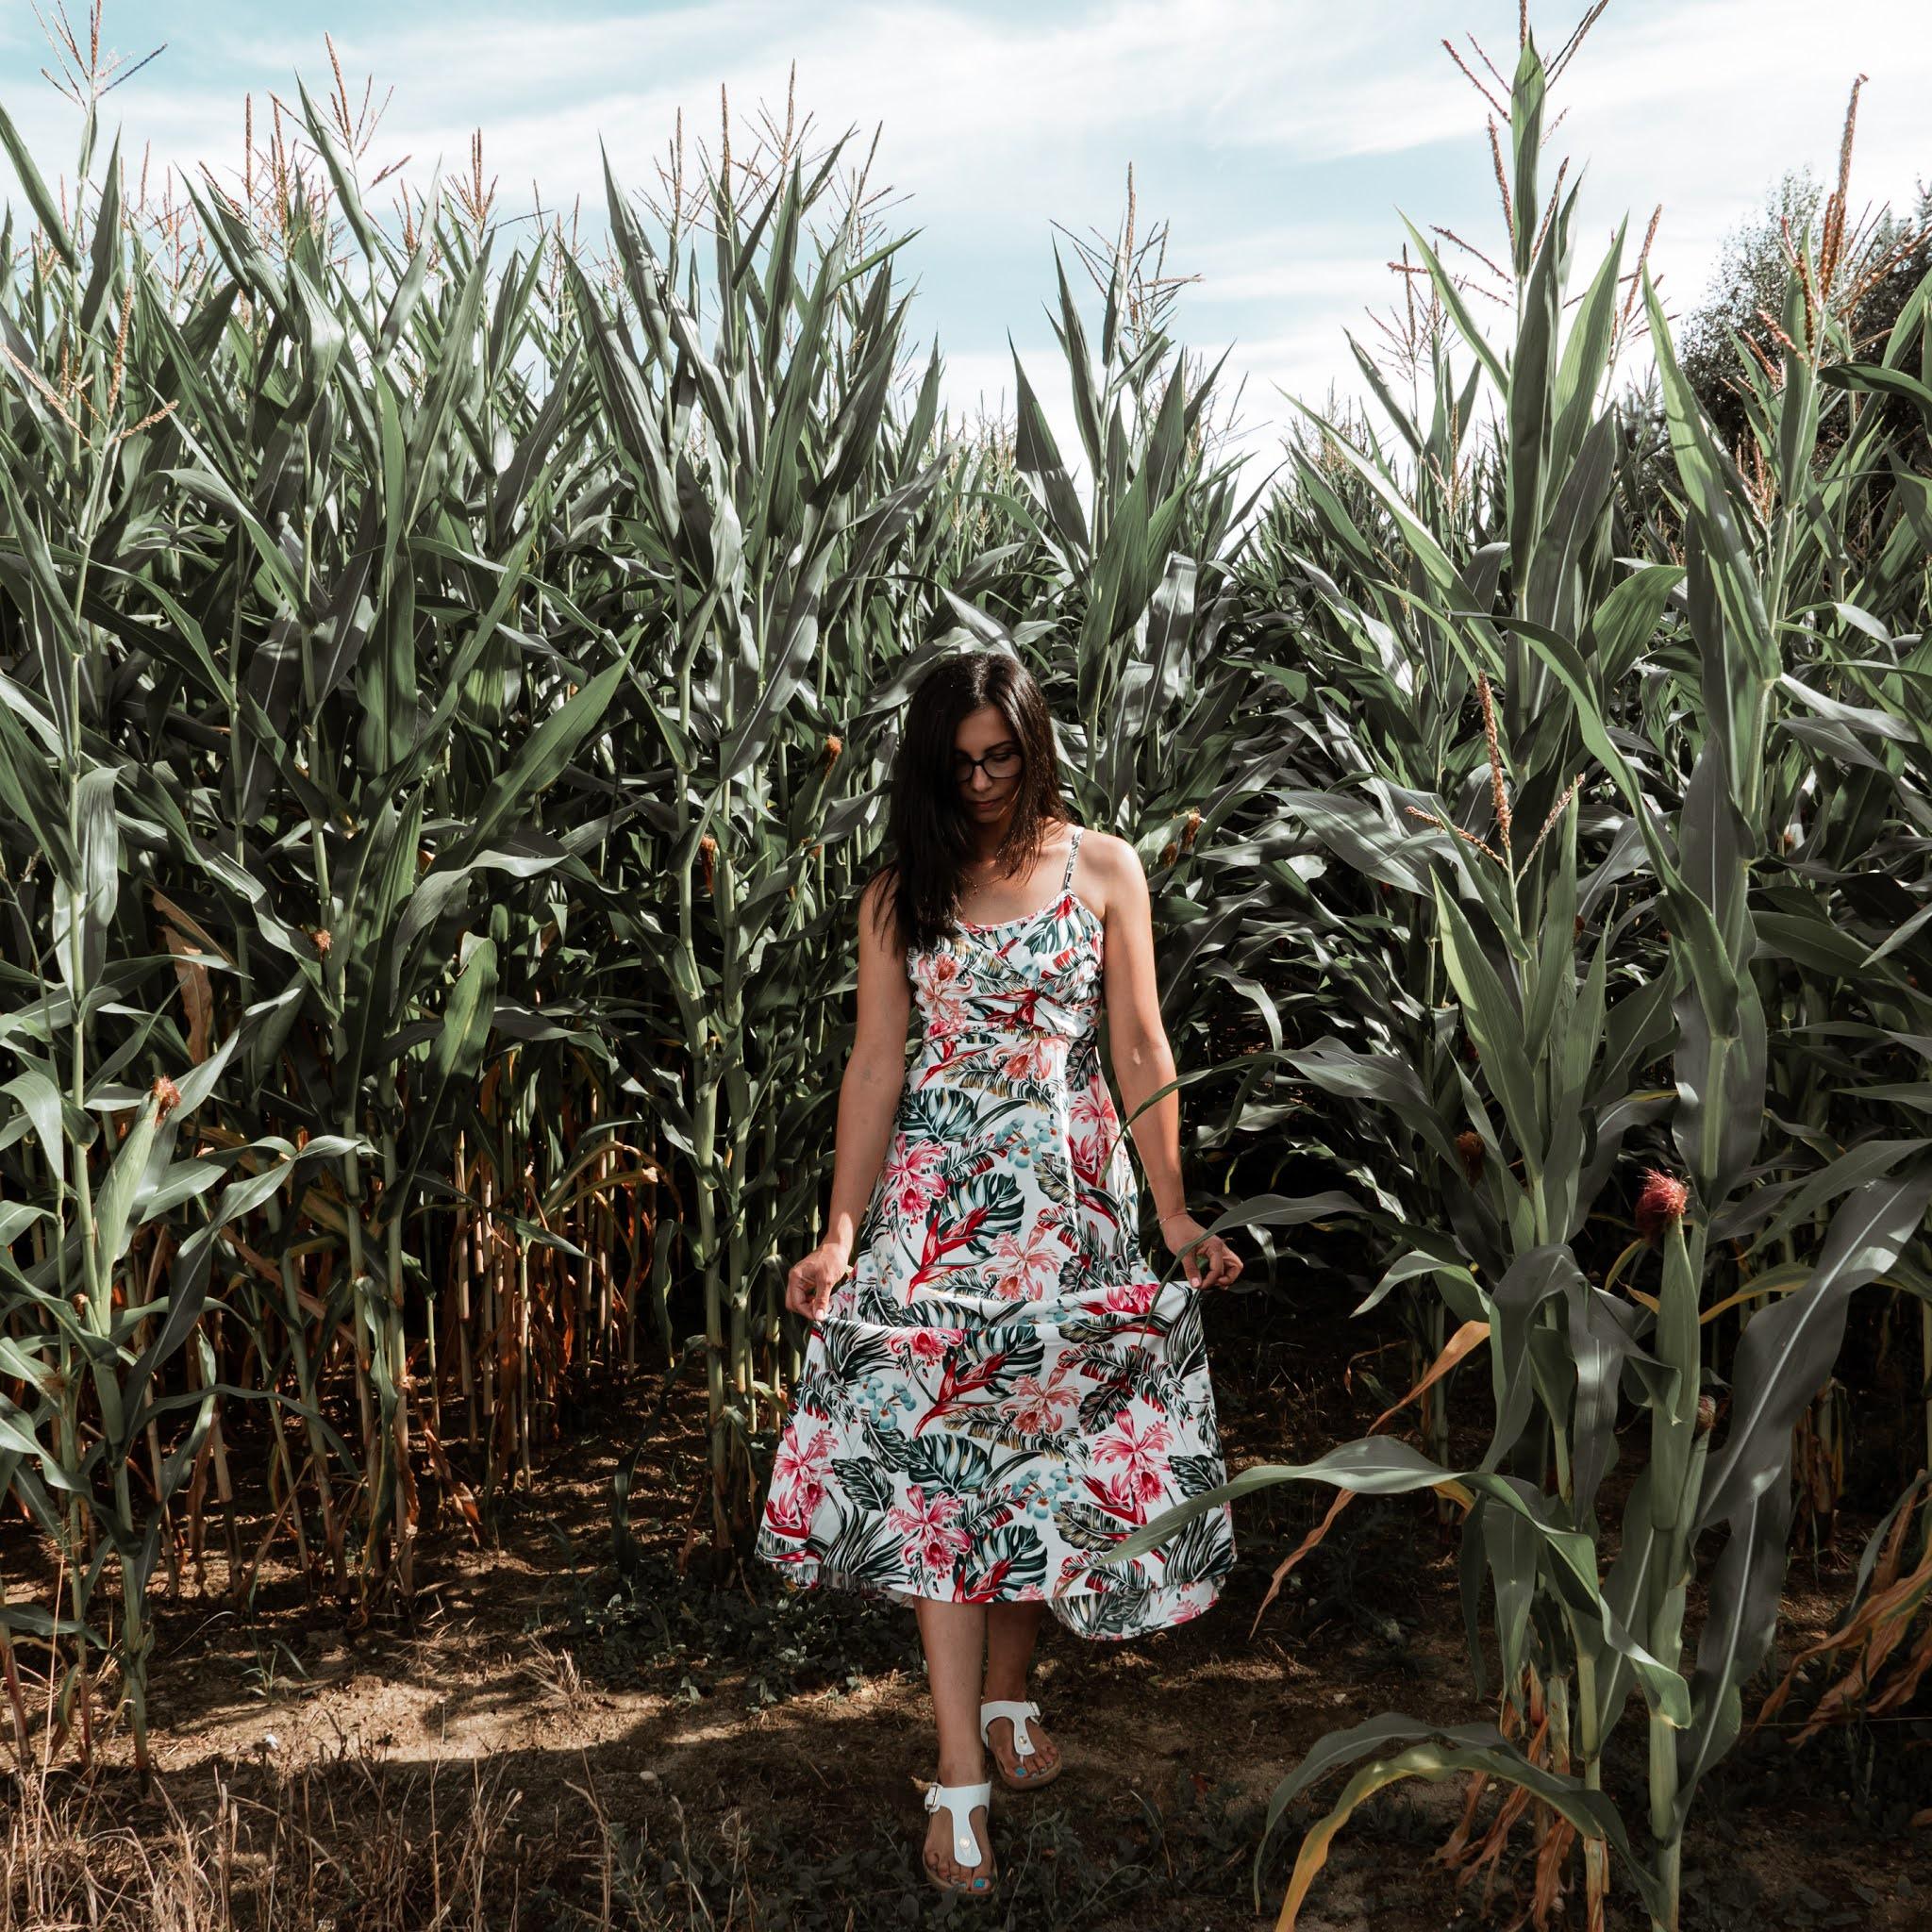 Sesja zdjęciowa na polu kukurydzy